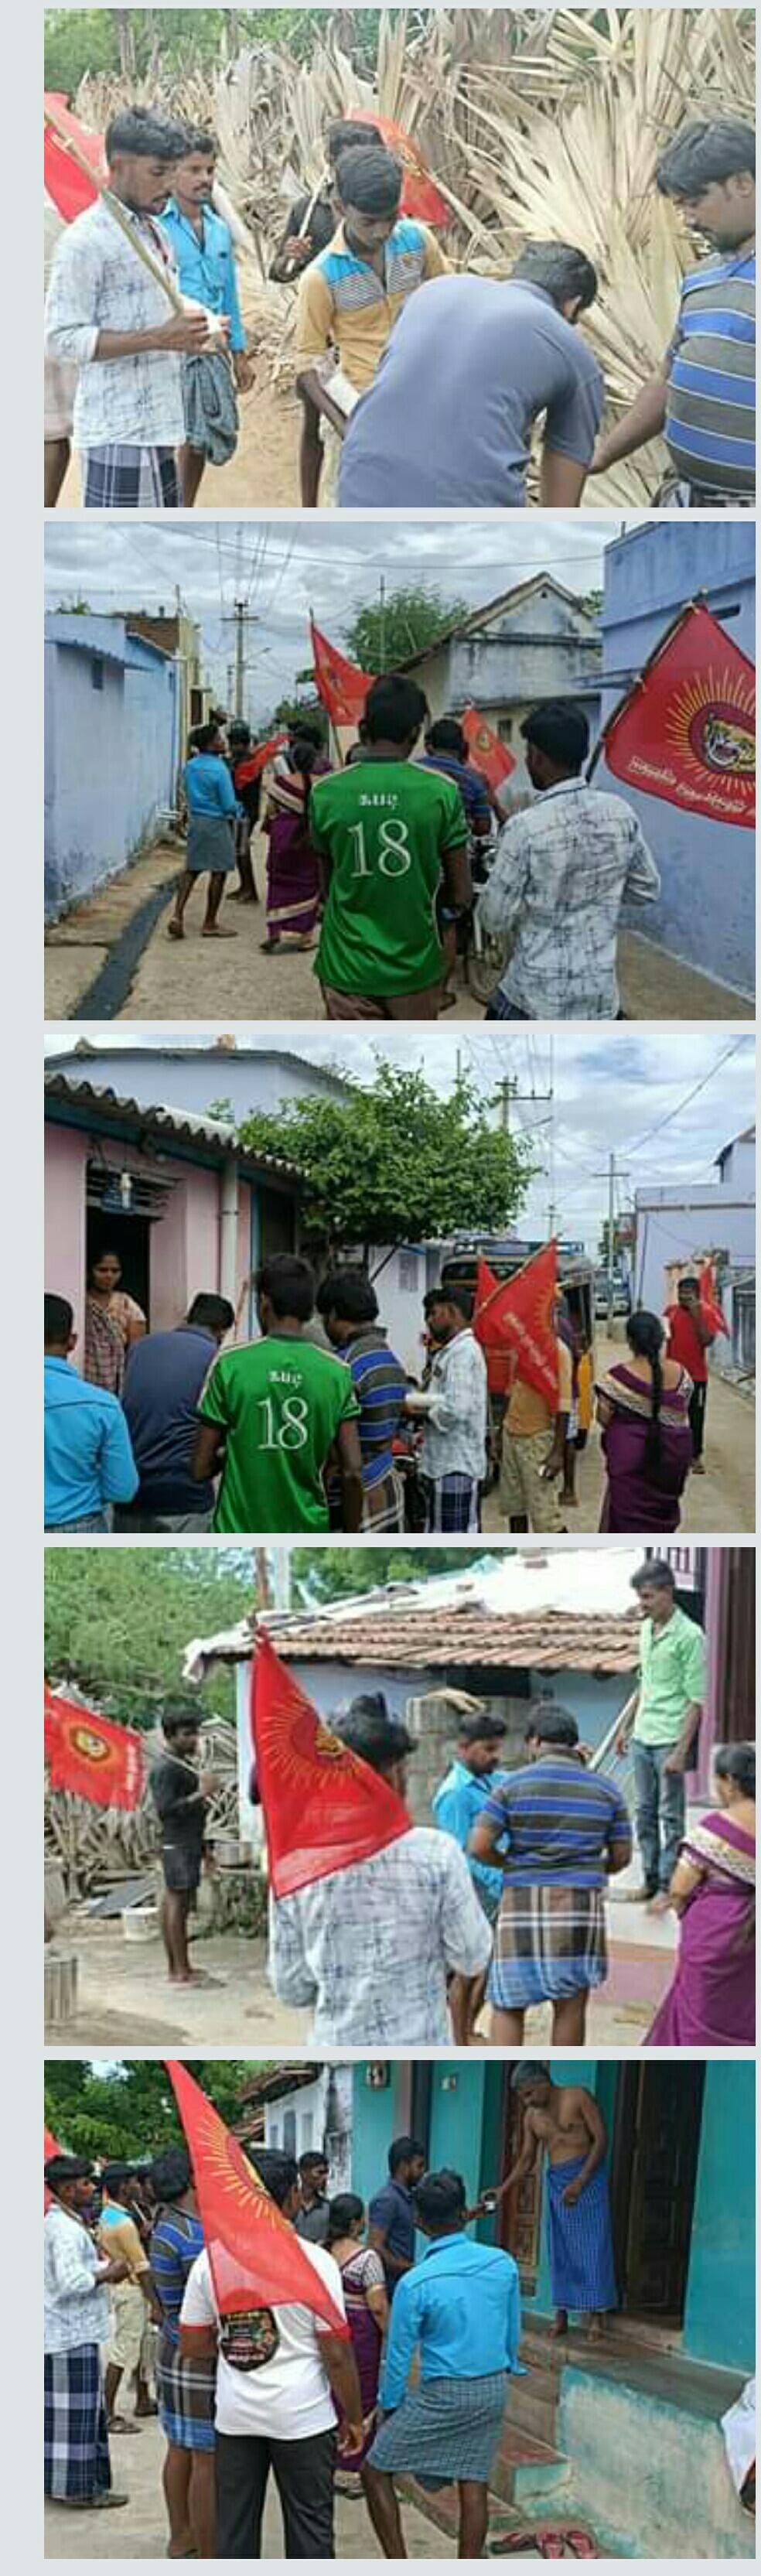 கப சுர குடிநீர் வழங்கும் நிகழ்வு - ஓமநல்லூர்